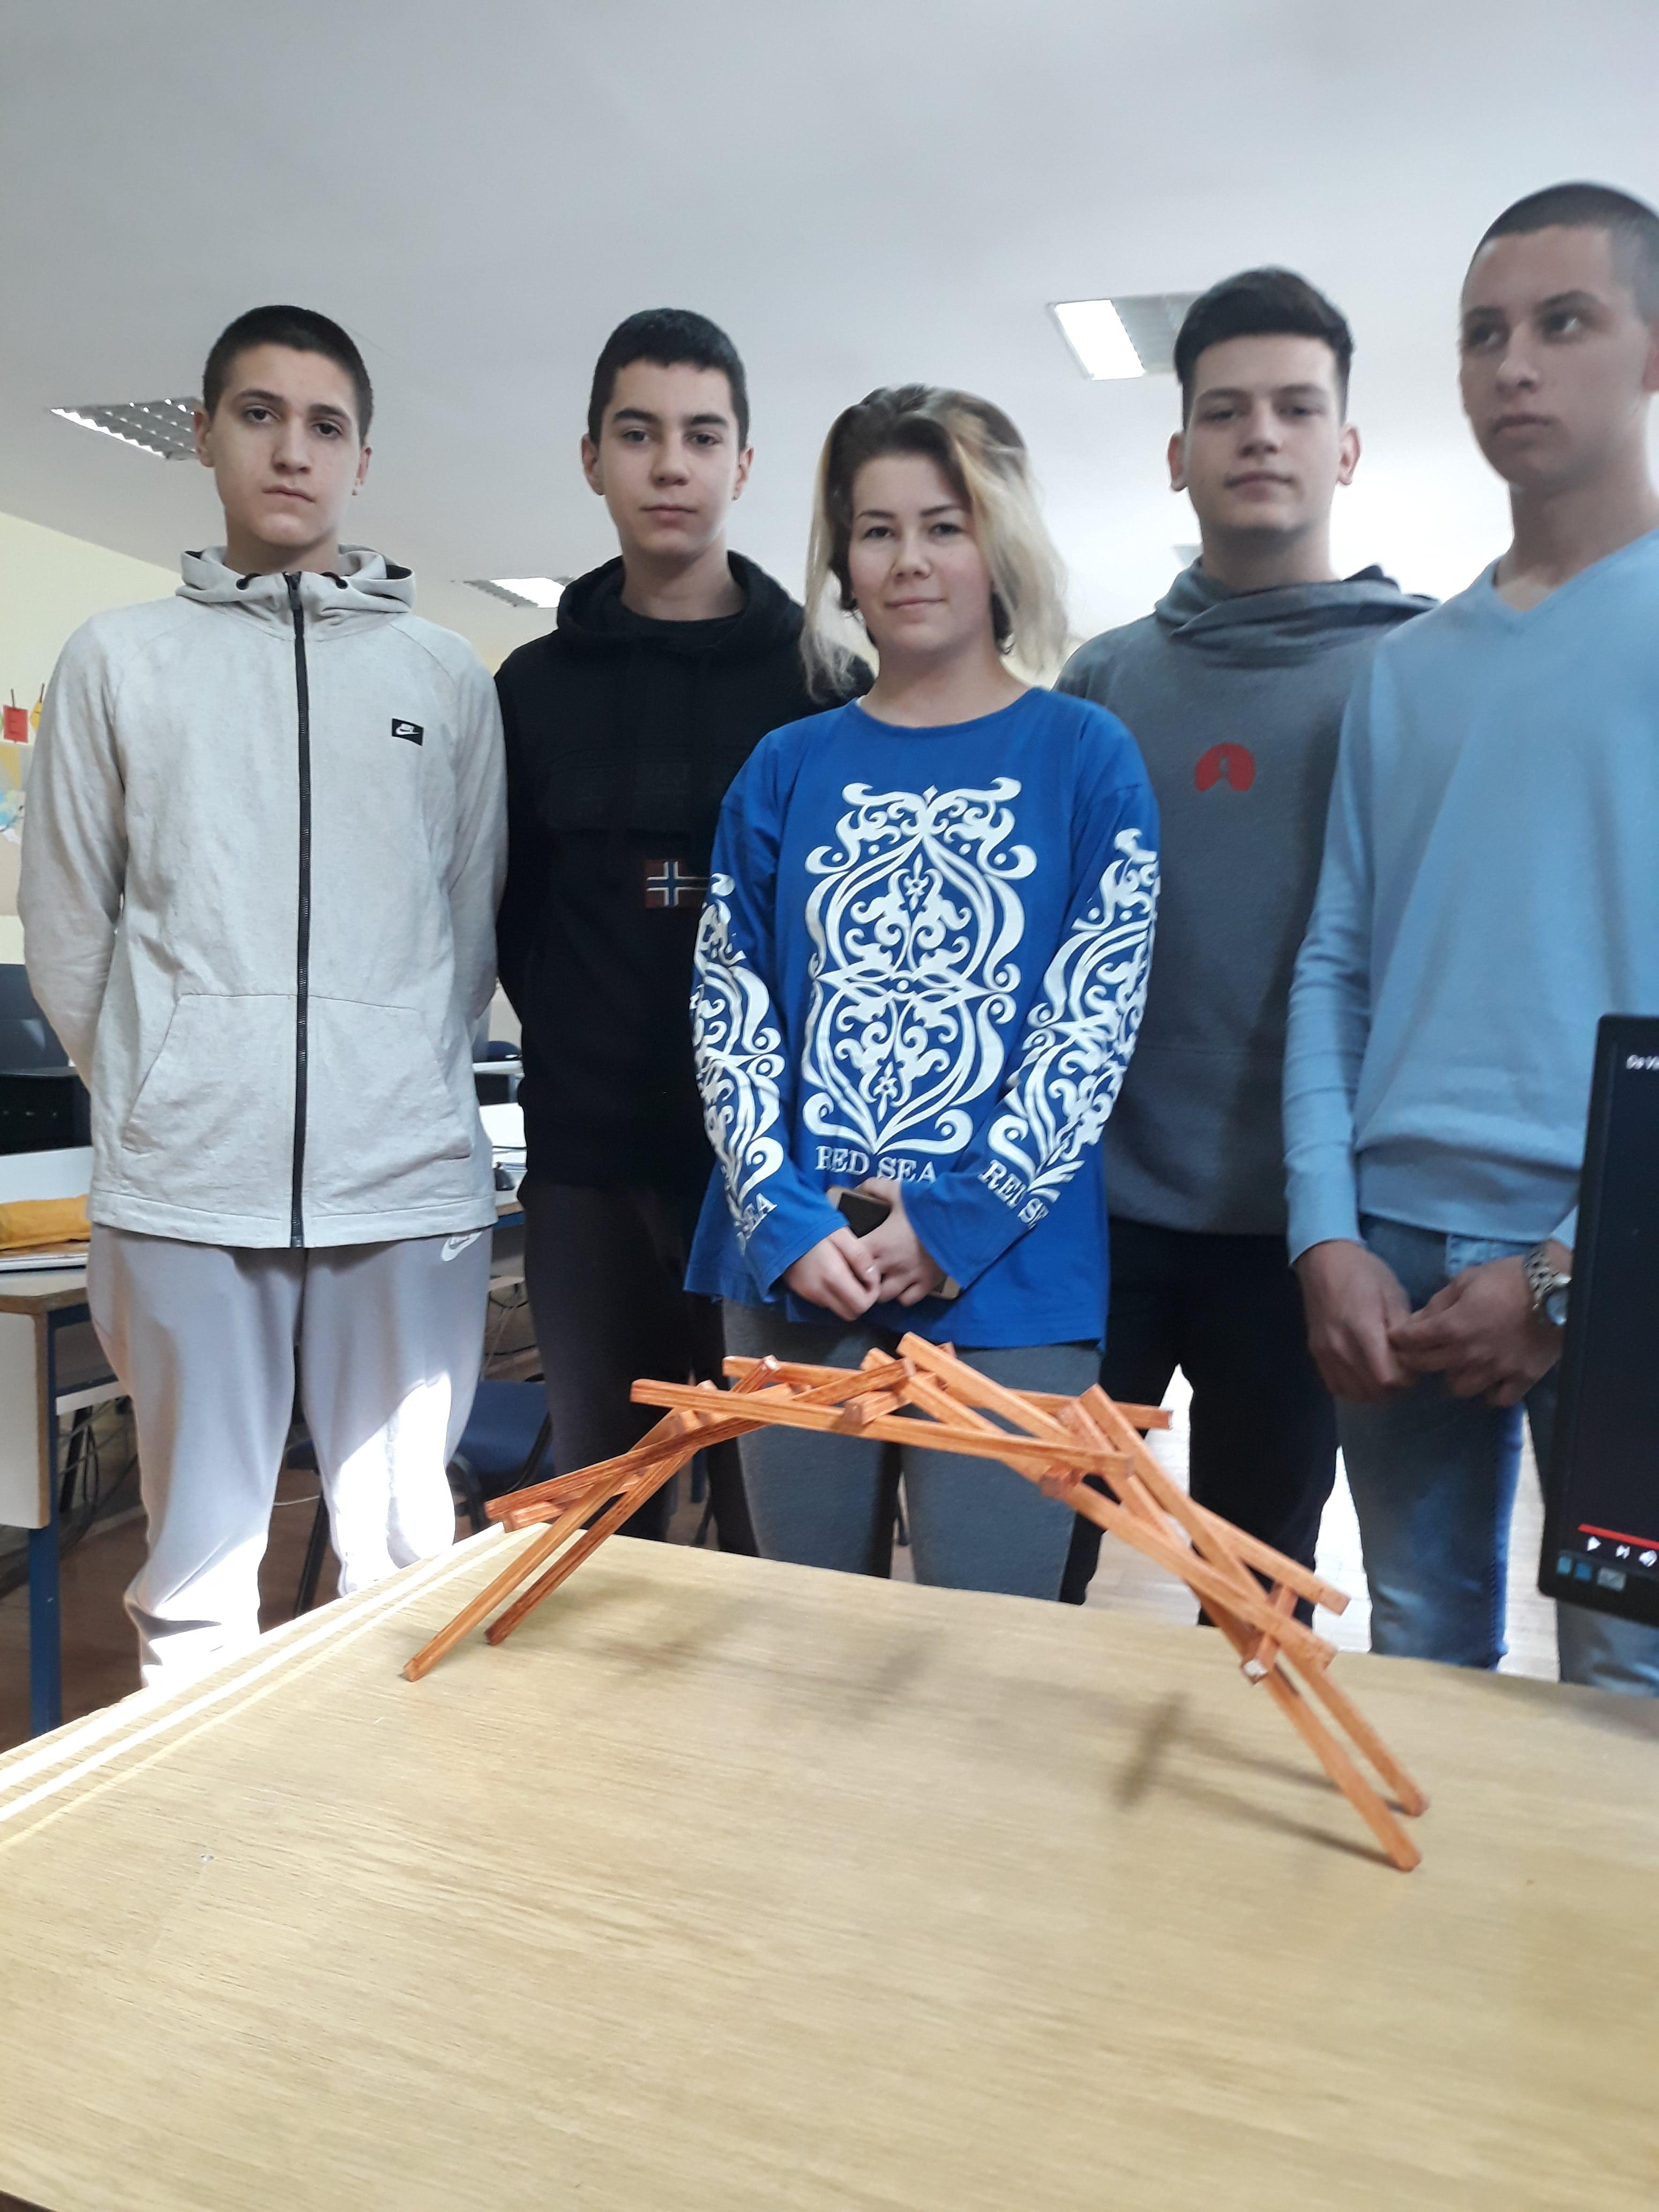 Прављење Леонардо да Винчијевог моста у оквиру пројекта Geometry of Countries